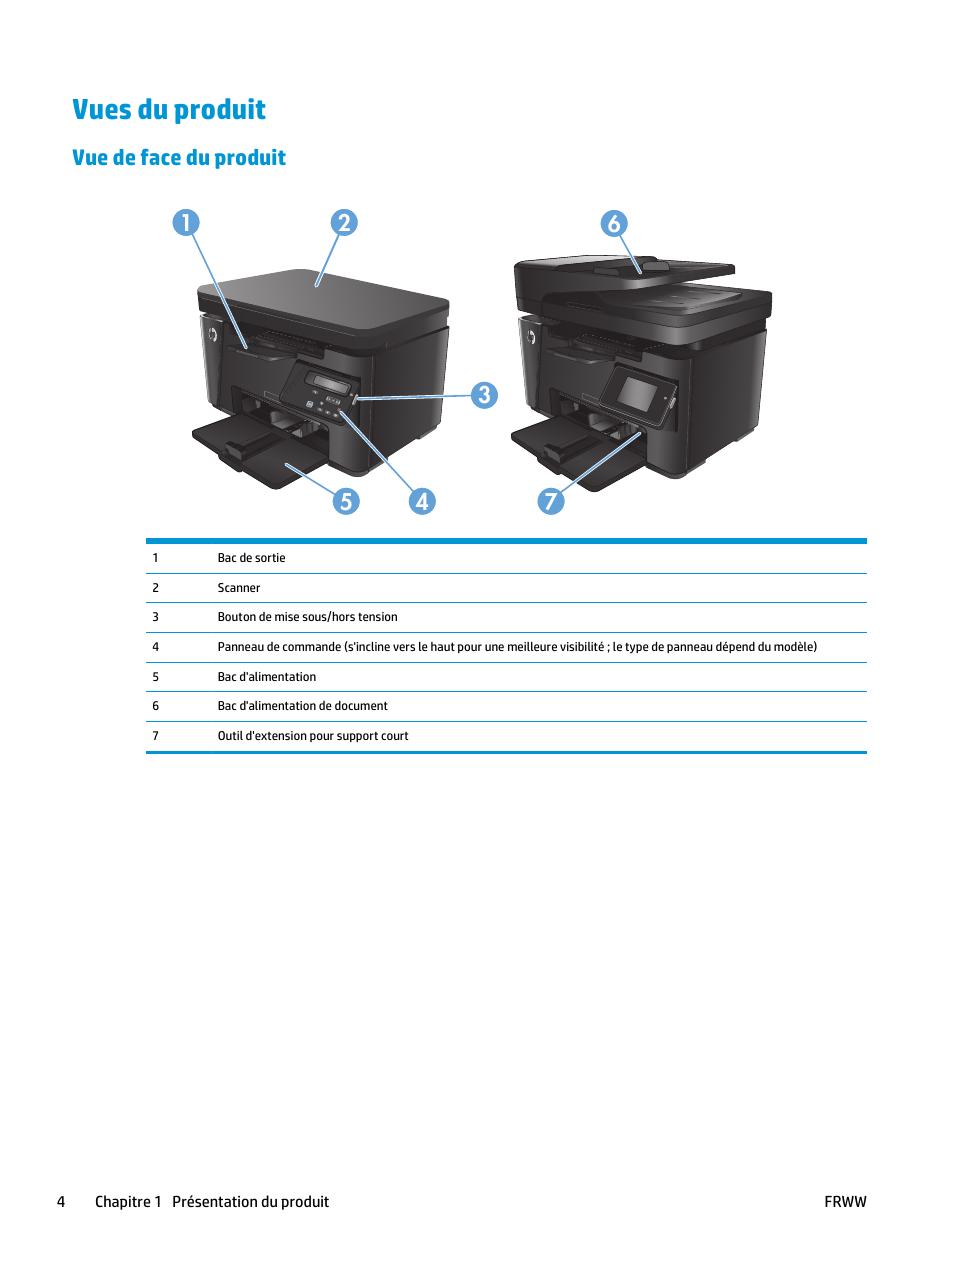 vues du produit vue de face du produit hp imprimante multifonction hp laserjet pro m127fw. Black Bedroom Furniture Sets. Home Design Ideas